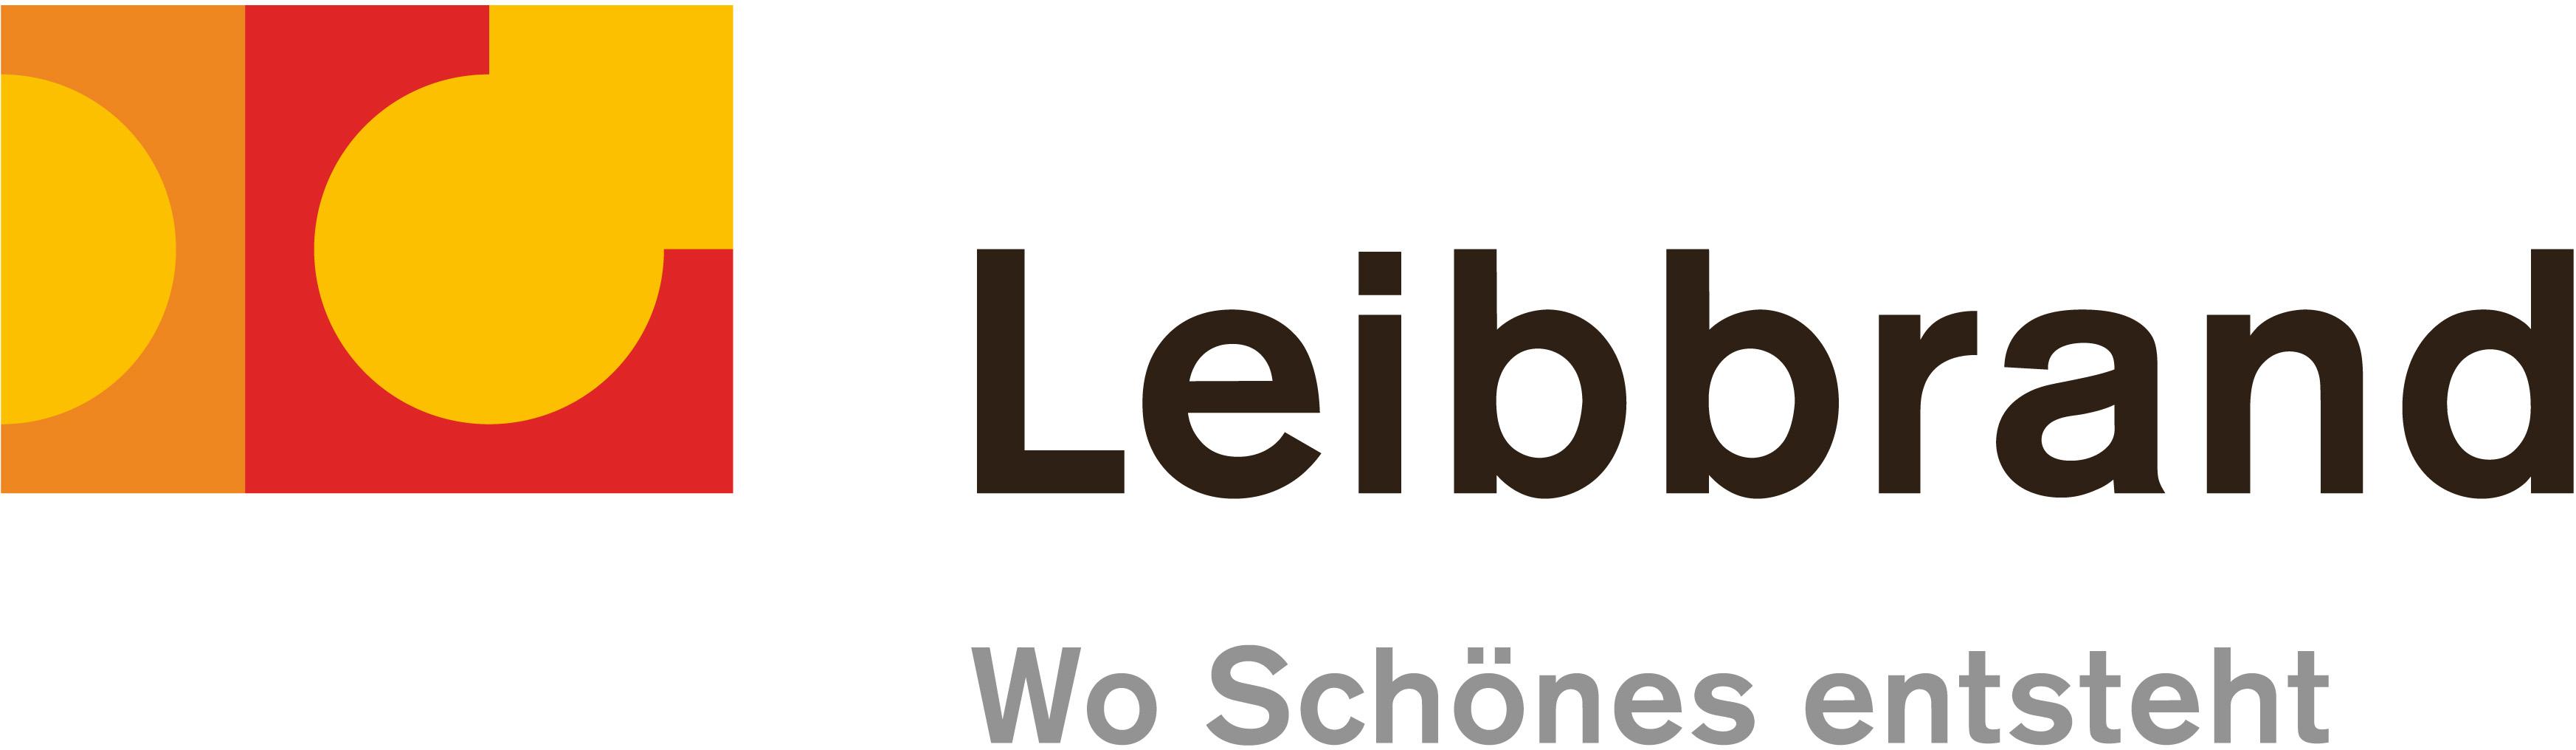 Logo Leibbrand        -         Maler, Stuckateur, Raumausstatter